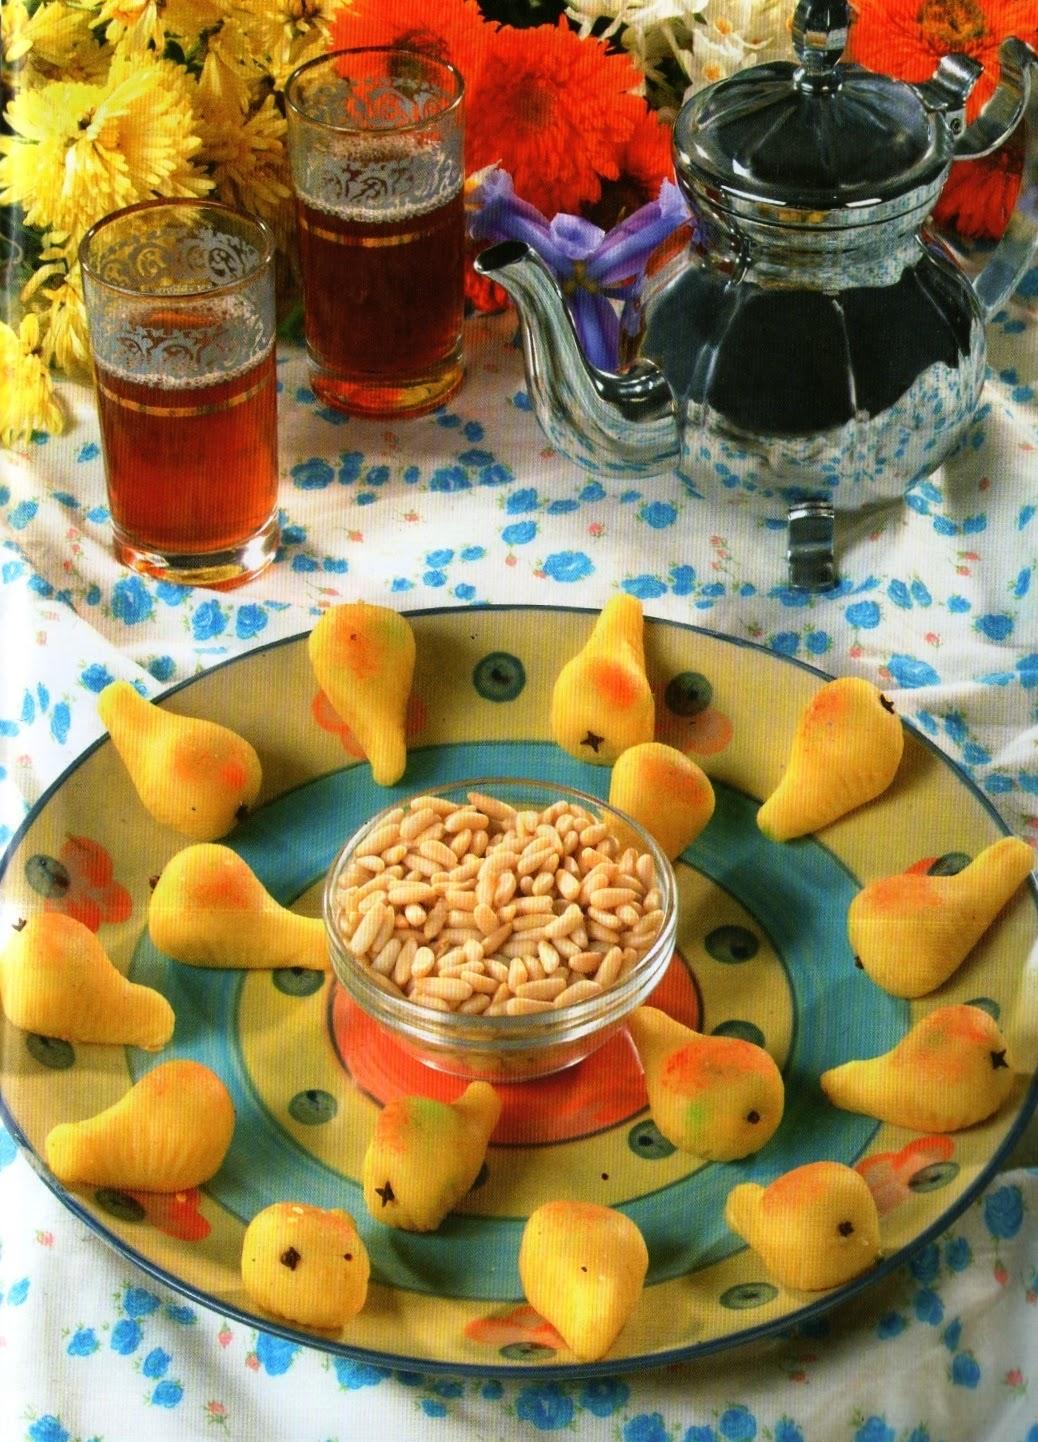 400 g de pte damande 1 cuillre caf de mazena 1 cuillre soupe de lait clous de girofle pour dcoration 1 cuillre caf darme poire et pomme - Pate D Amande Colore